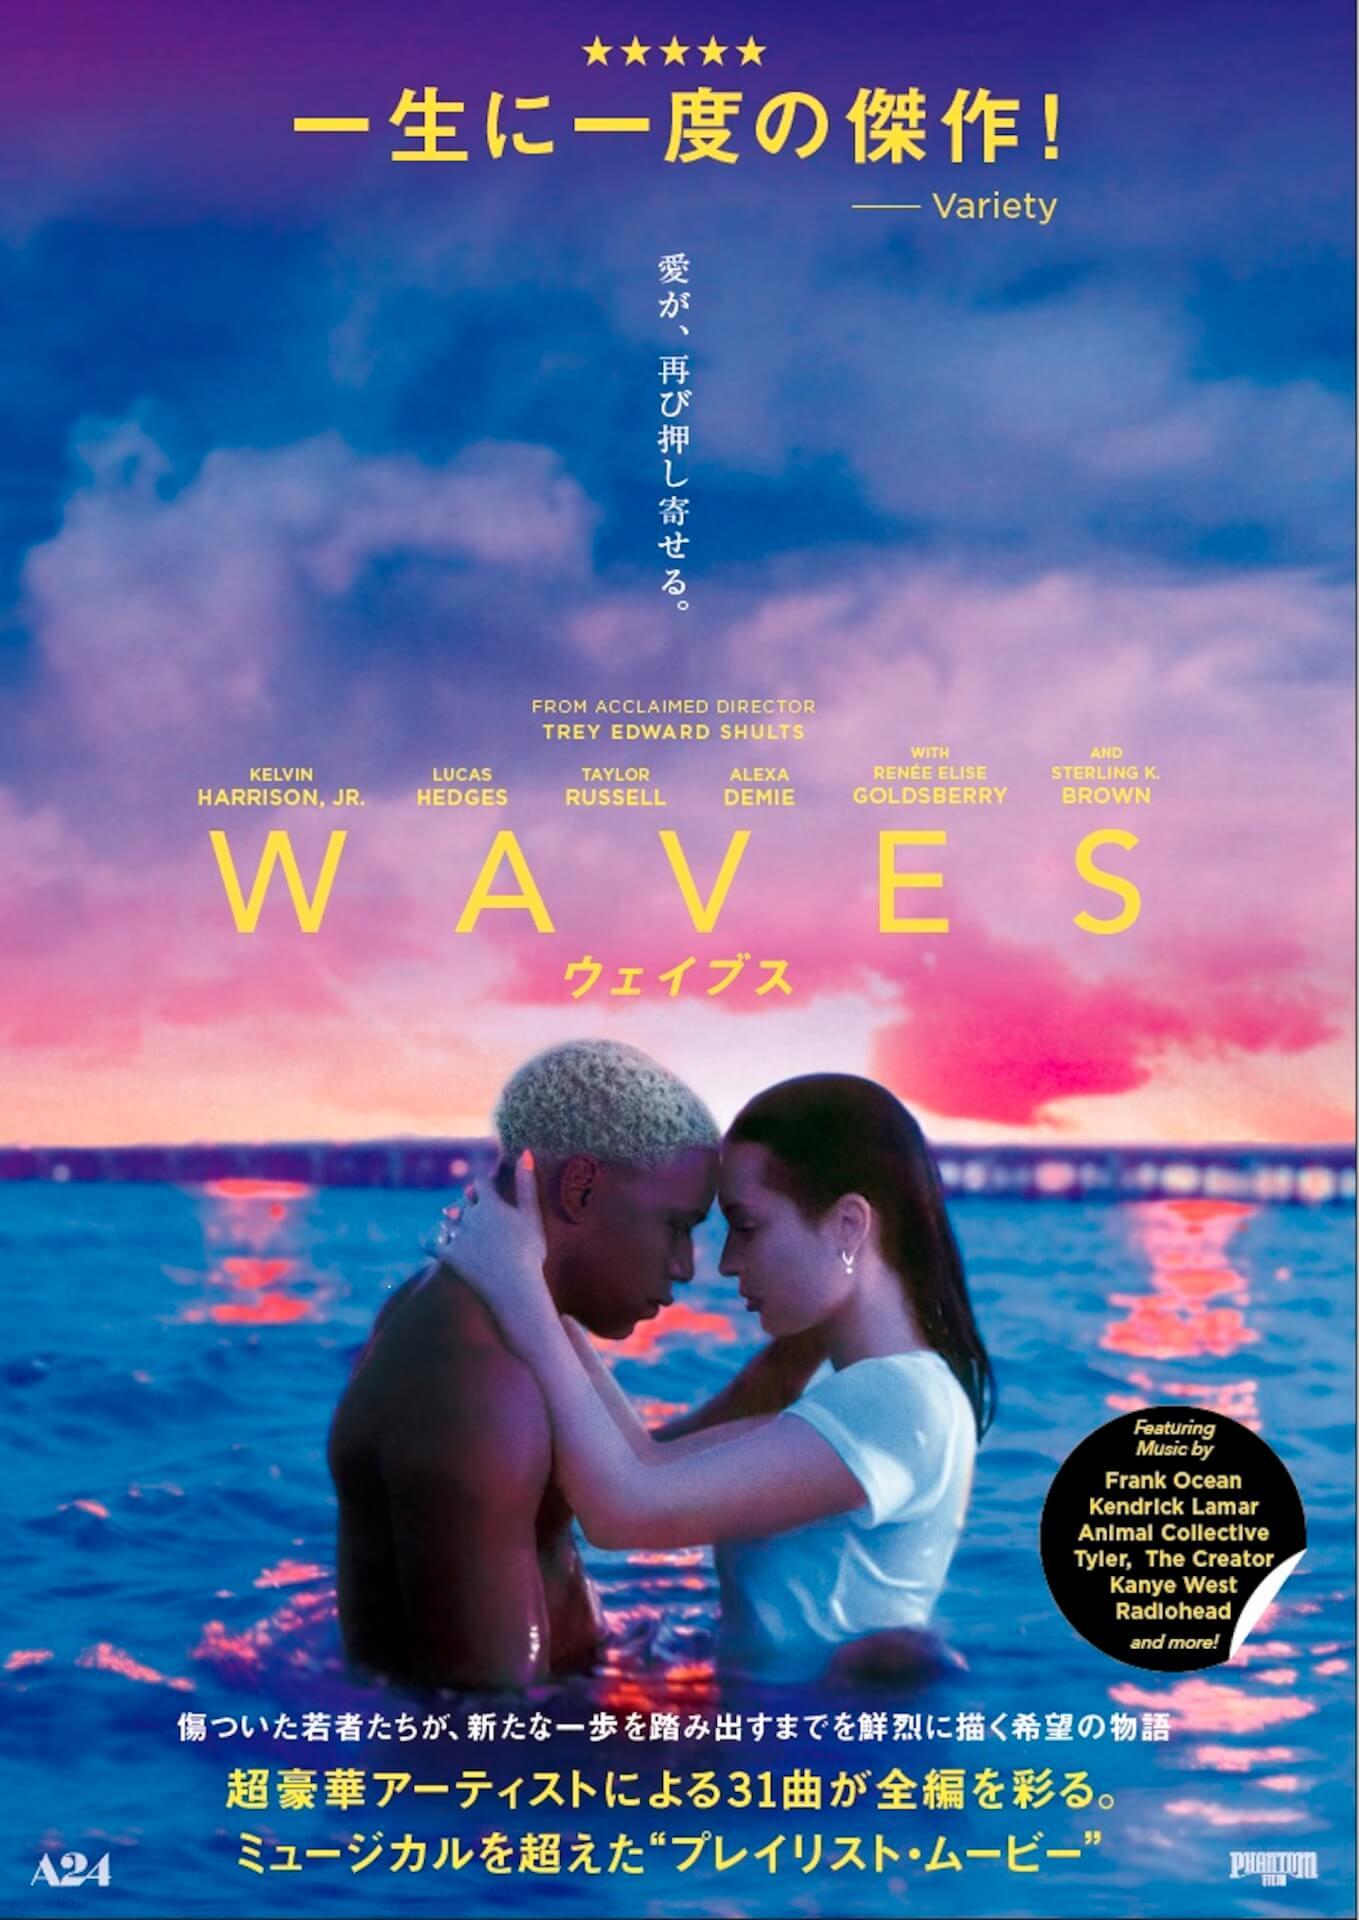 スタジオA24最新作『WAVES/ウェイブス』に出演するアカデミー賞ノミネート俳優ルーカス・ヘッジズの場面写真が解禁! film200226_waves_3